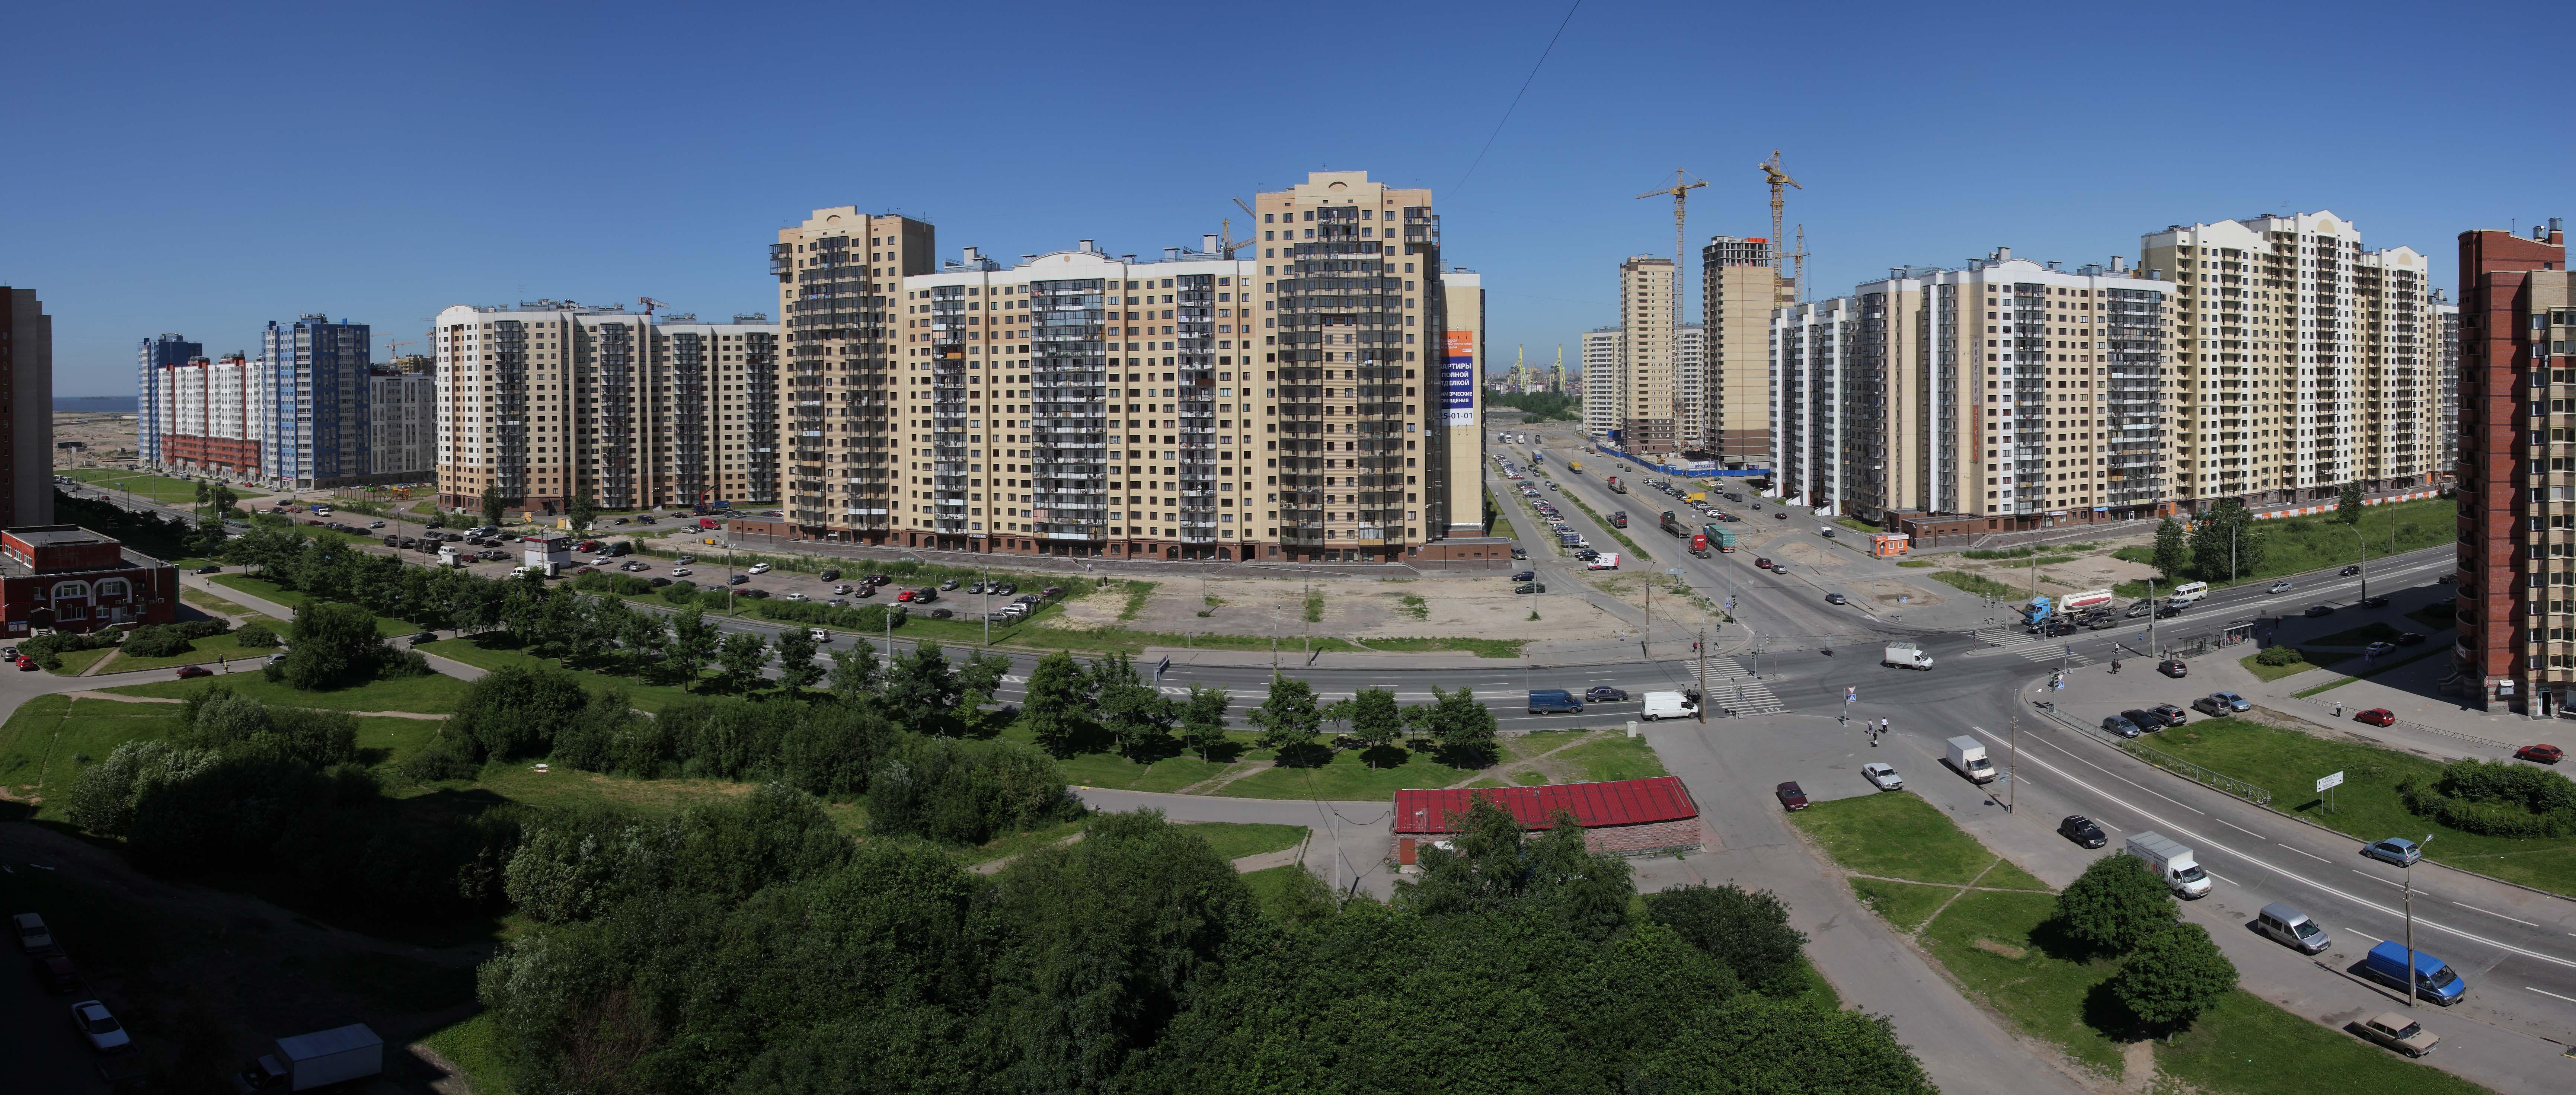 Панорама дом спб